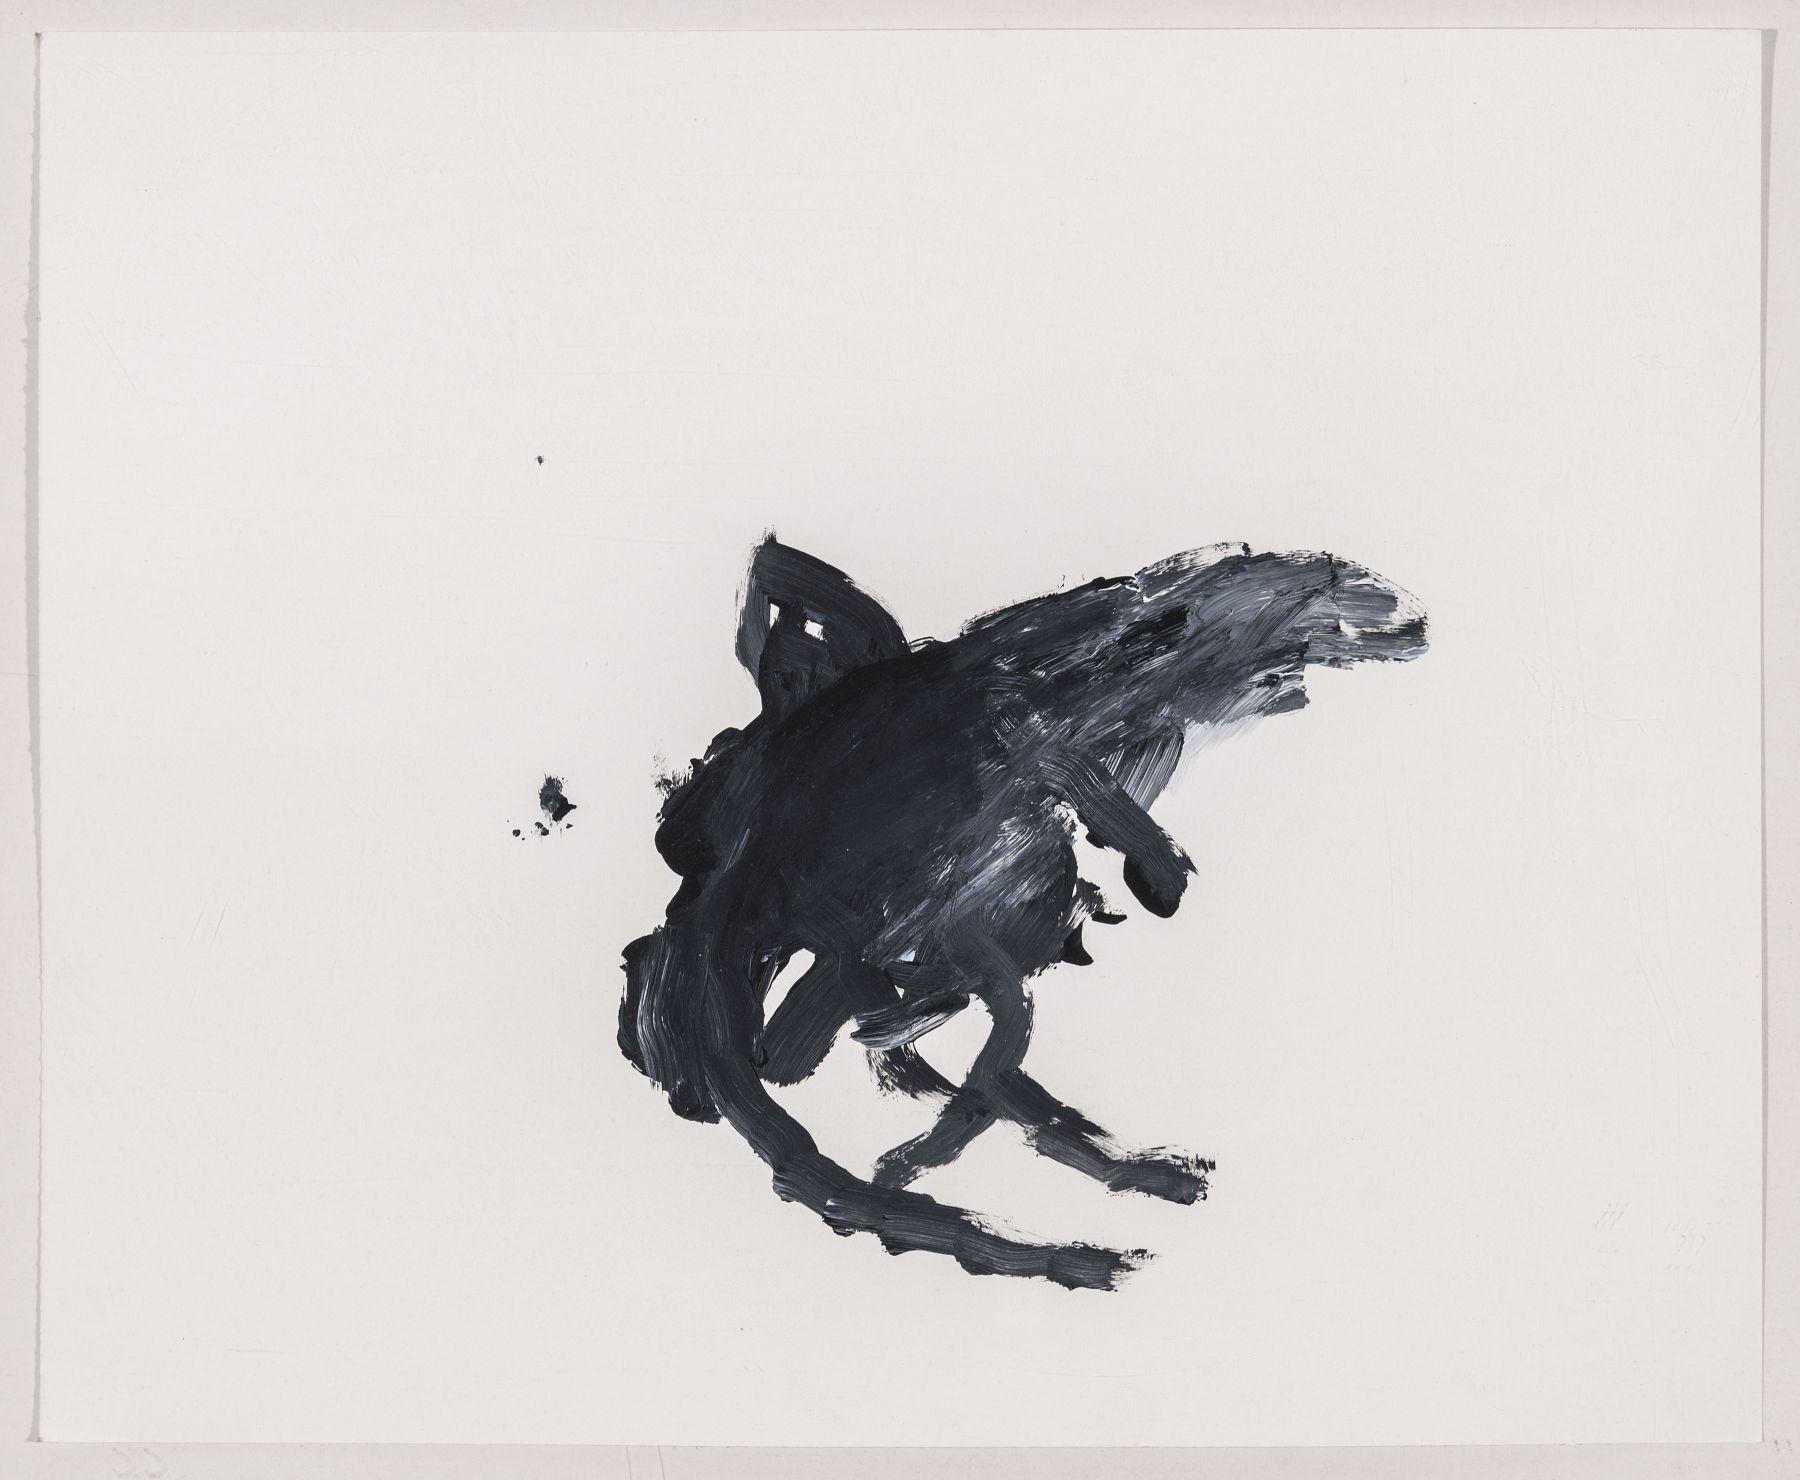 ROSS SIMONINI, Fat Ghost,2015